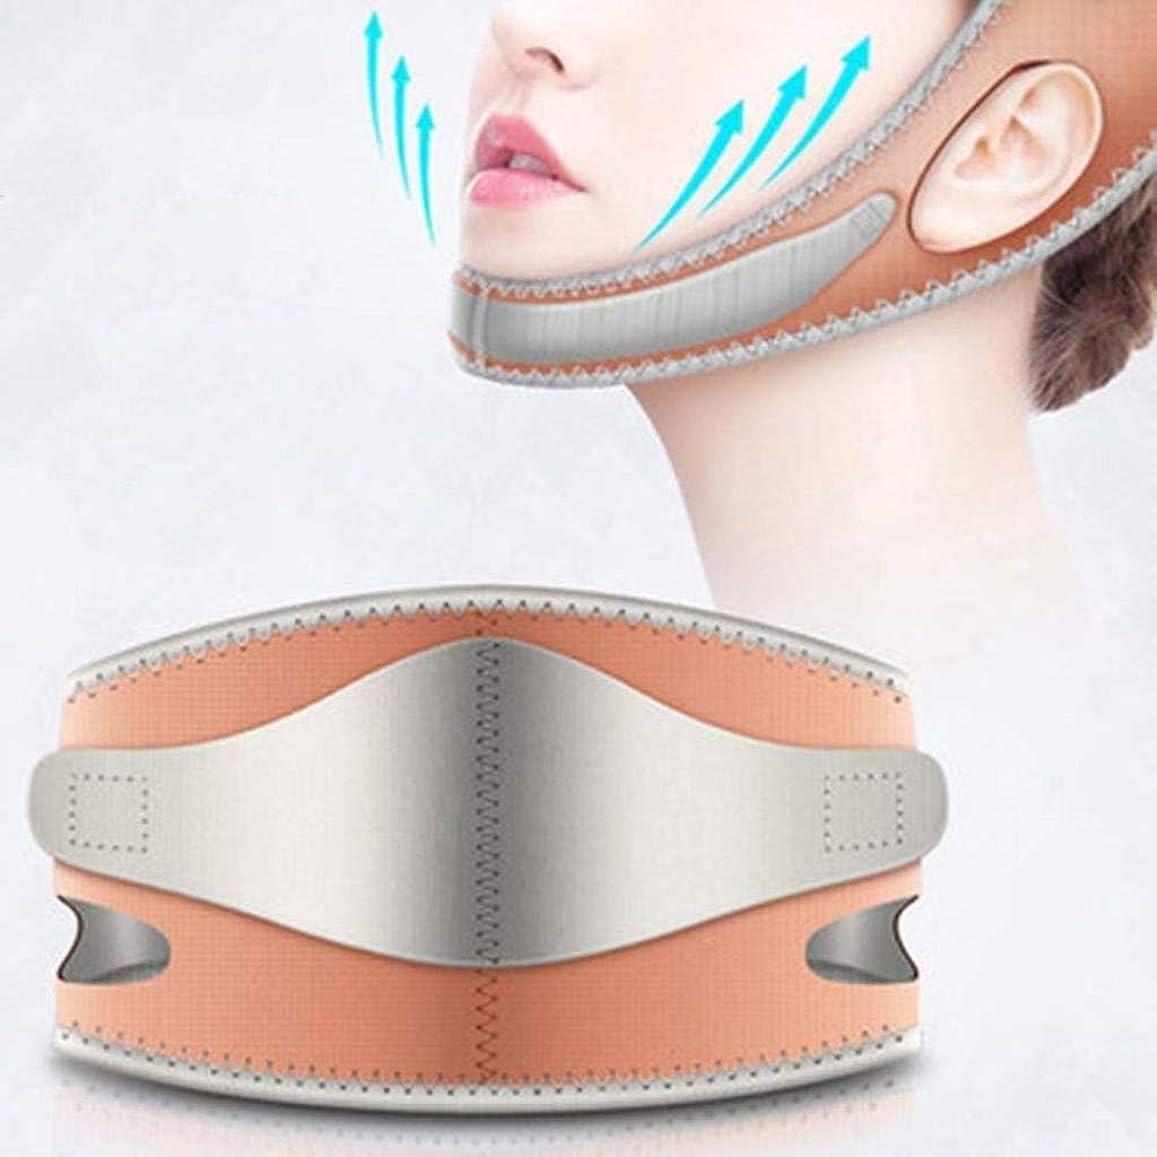 チョコレート輸血事前にフェイスリフティング痩身Vフェイスマスクフルカバレッジ包帯減らす顔の二重あごケア減量美容ベルト通気性